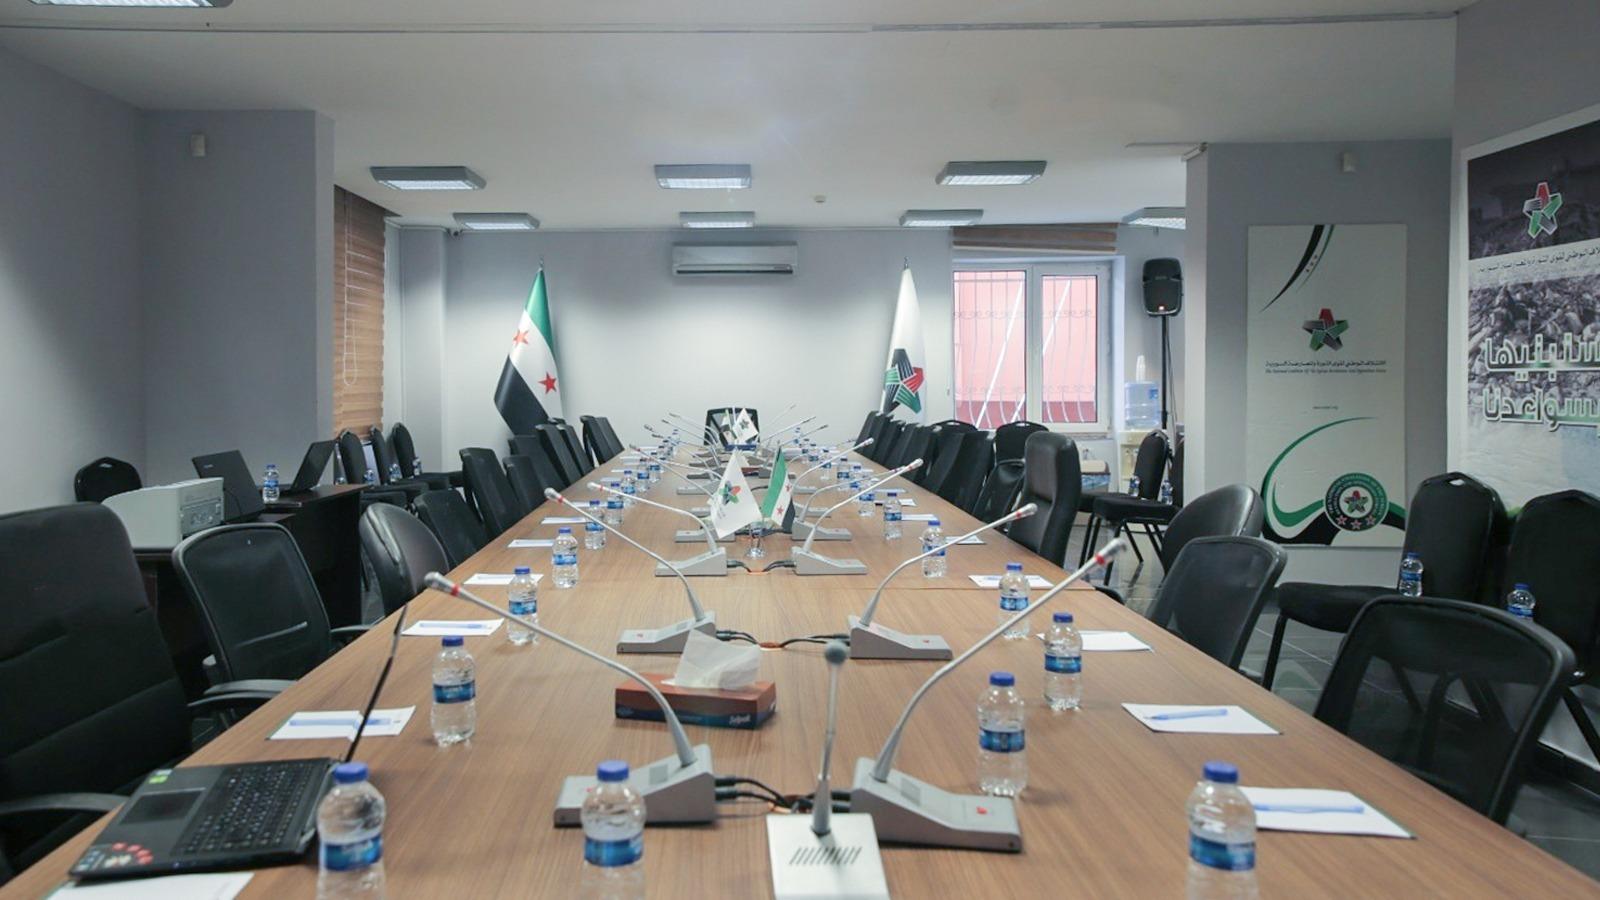 اجتماعات الهيئة العامة تنطلق غداً السبت وتبحث العديد من القضايا الهامة